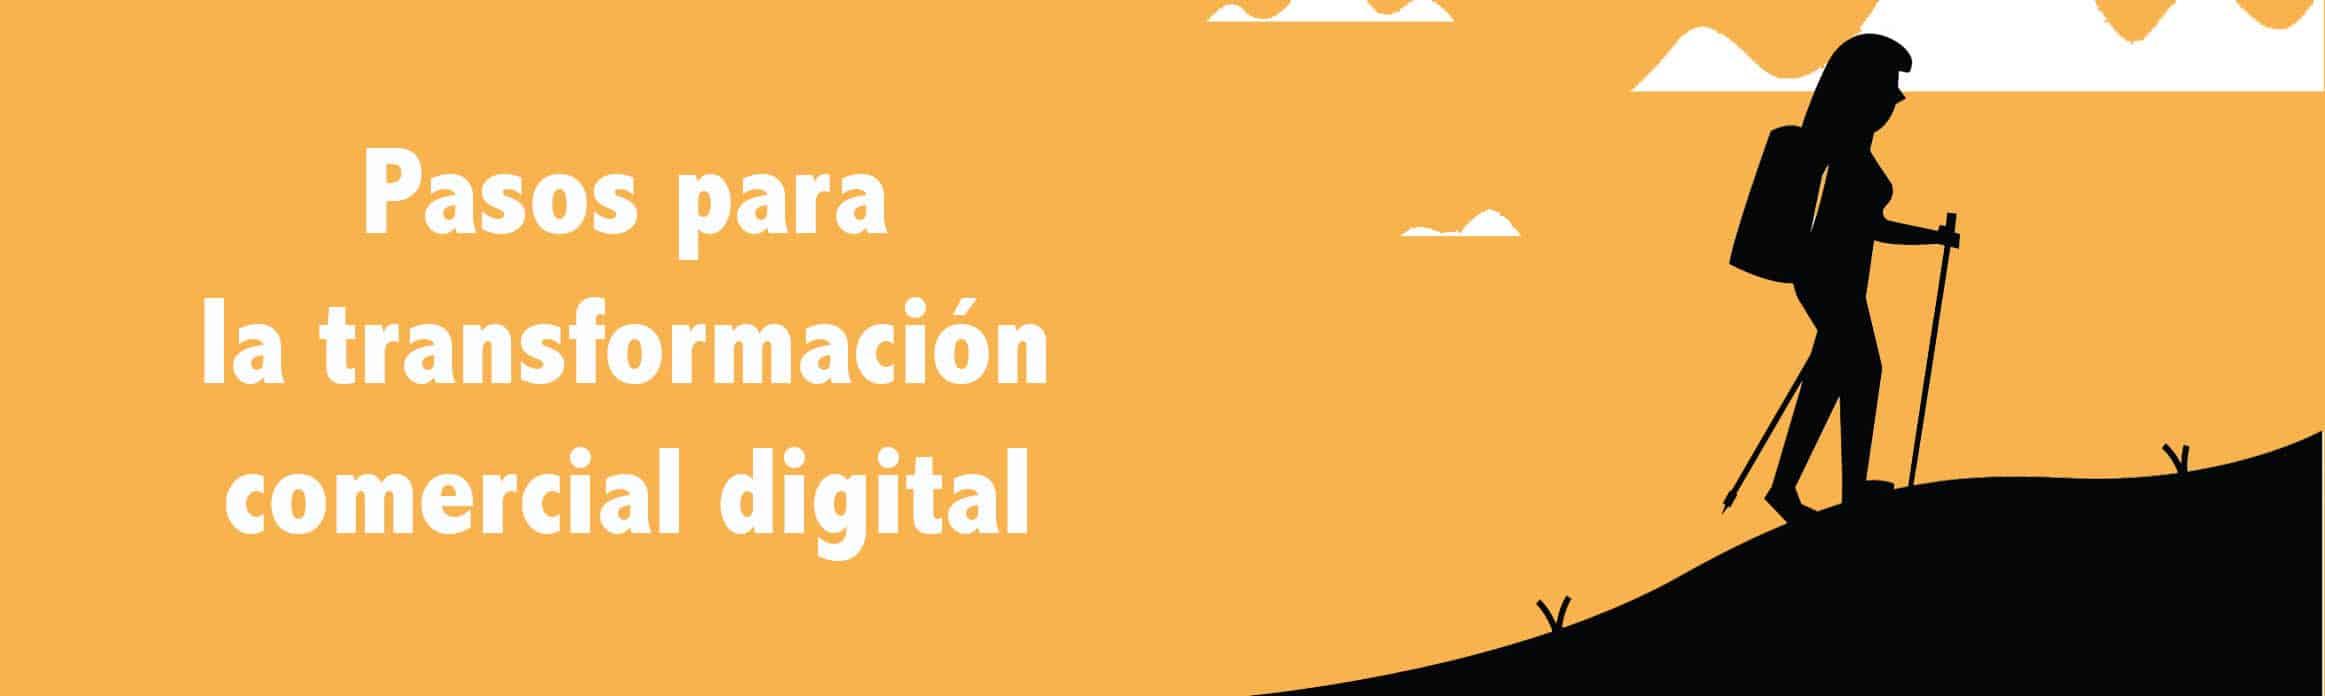 transformación digital comercial pyme